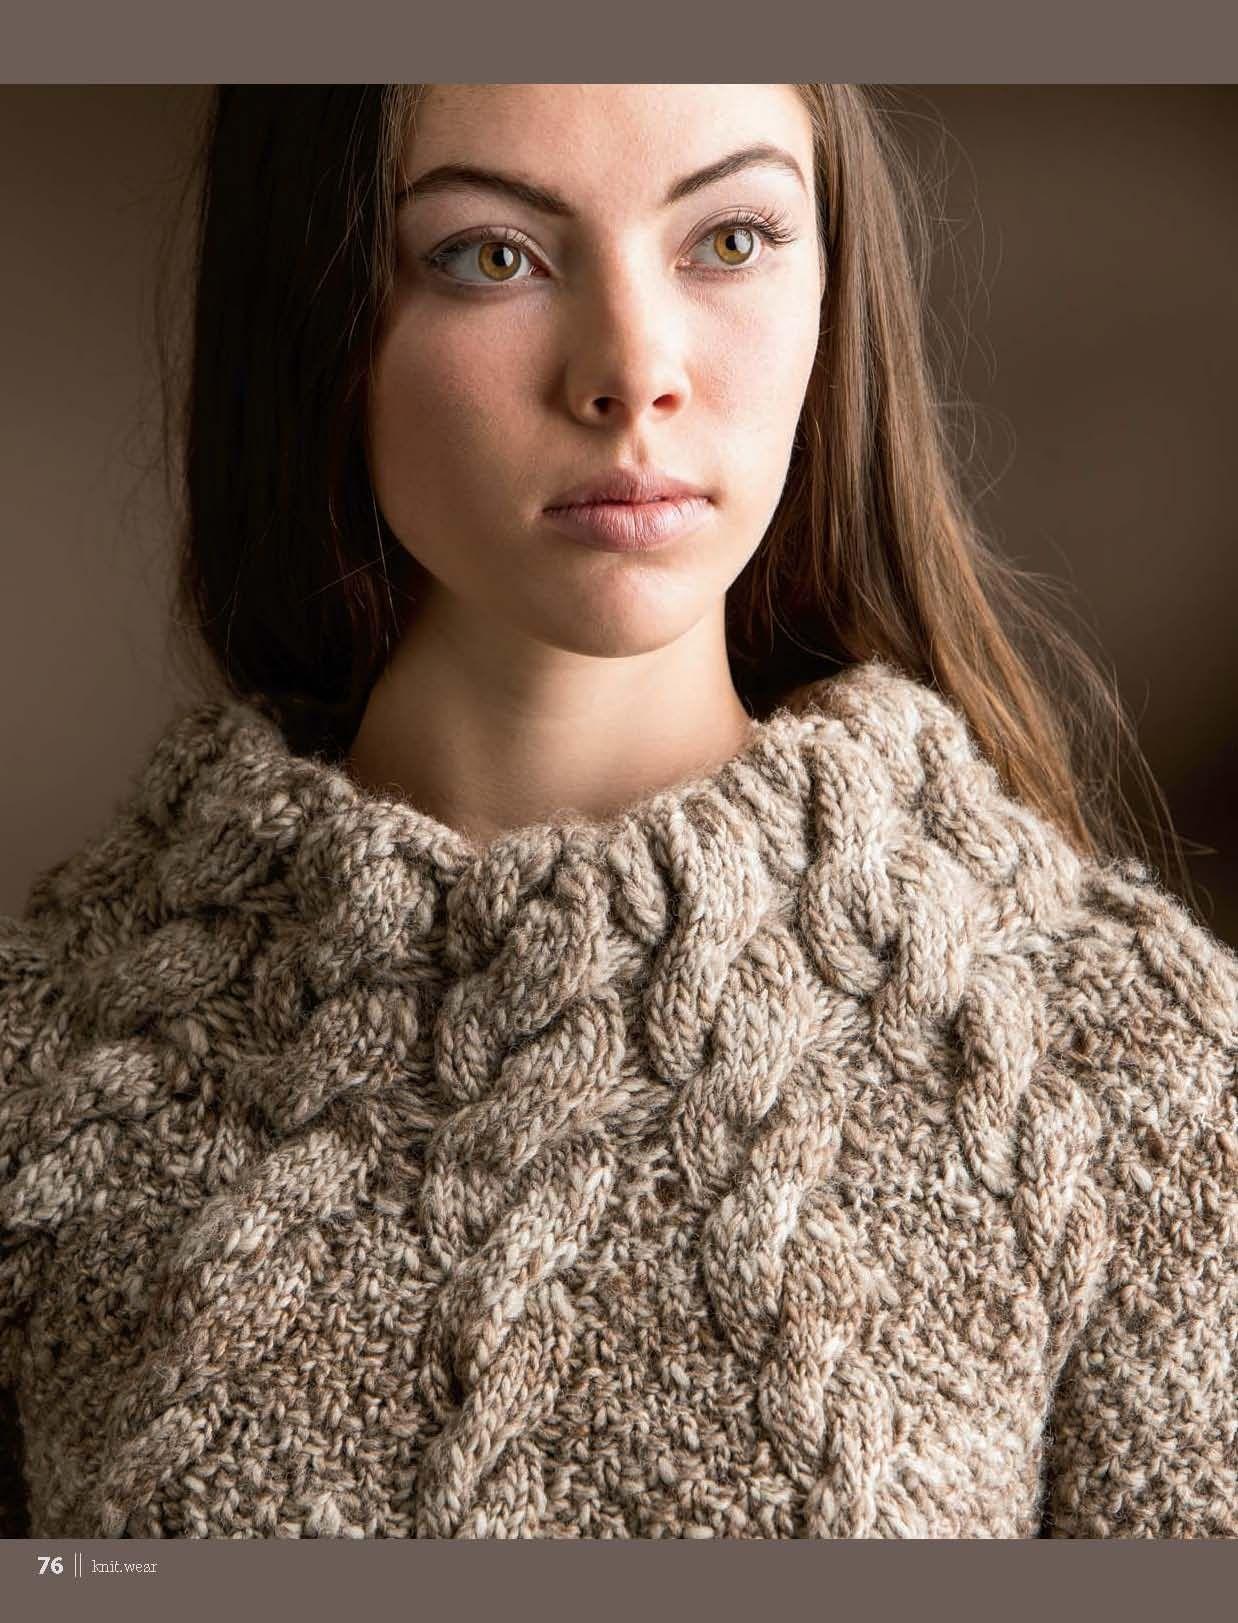 Knitwear Fallwin13 Emag Knitting Pinterest Knitting Knitwear